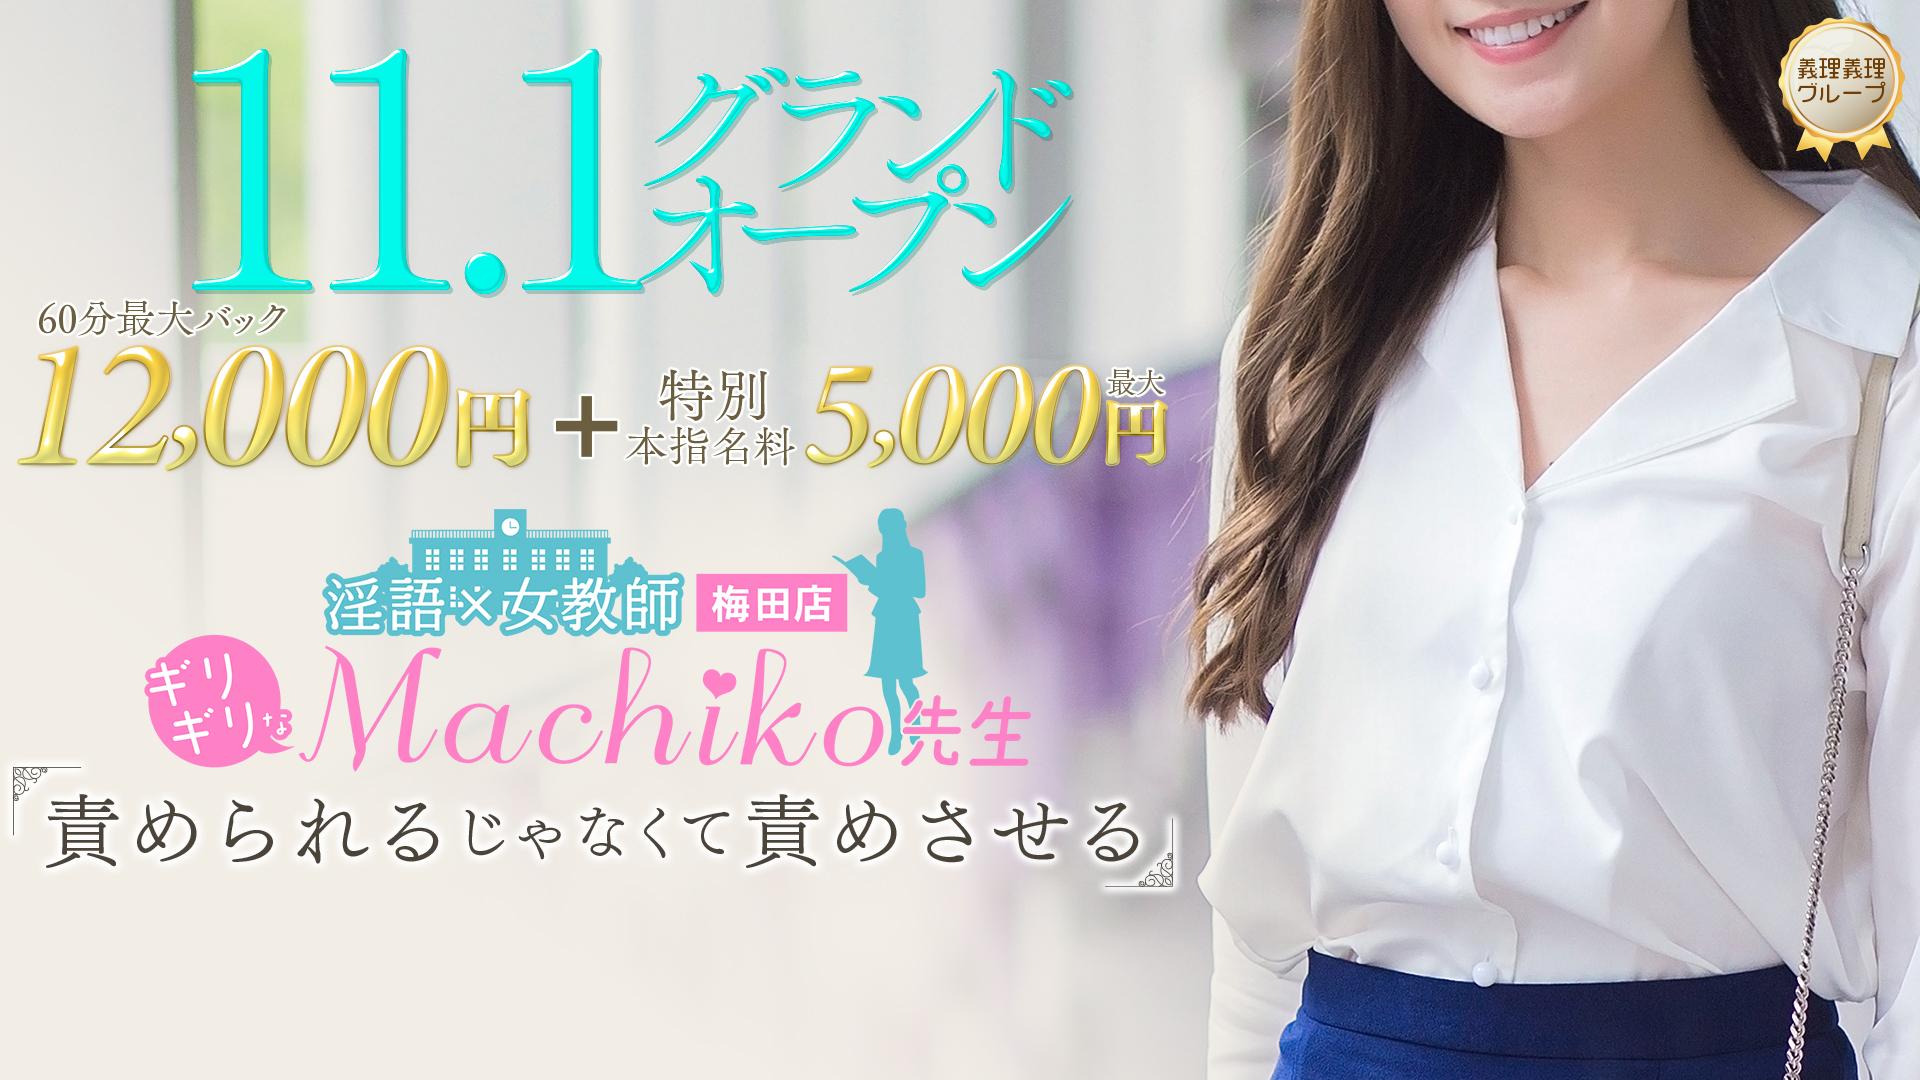 ギリギリなMACHIKO先生 梅田店の求人画像